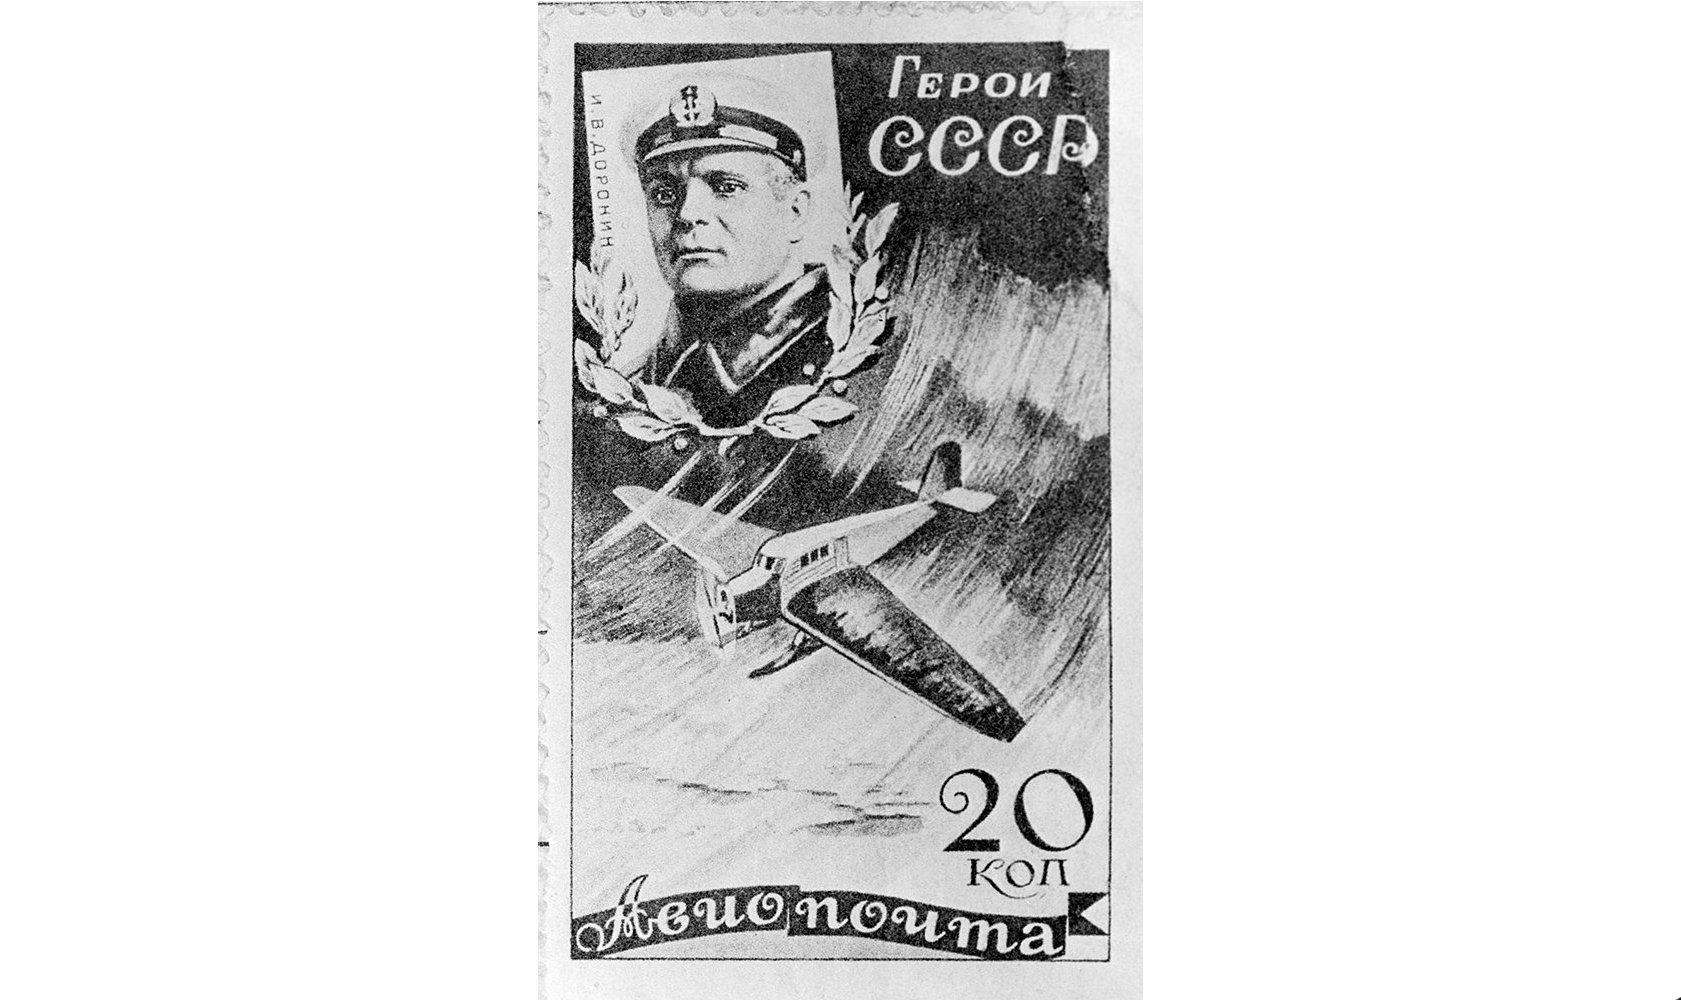 Советская почтовая марка с портретом Героя Советского Союза лётчика Ивана Доронина. Репродукция